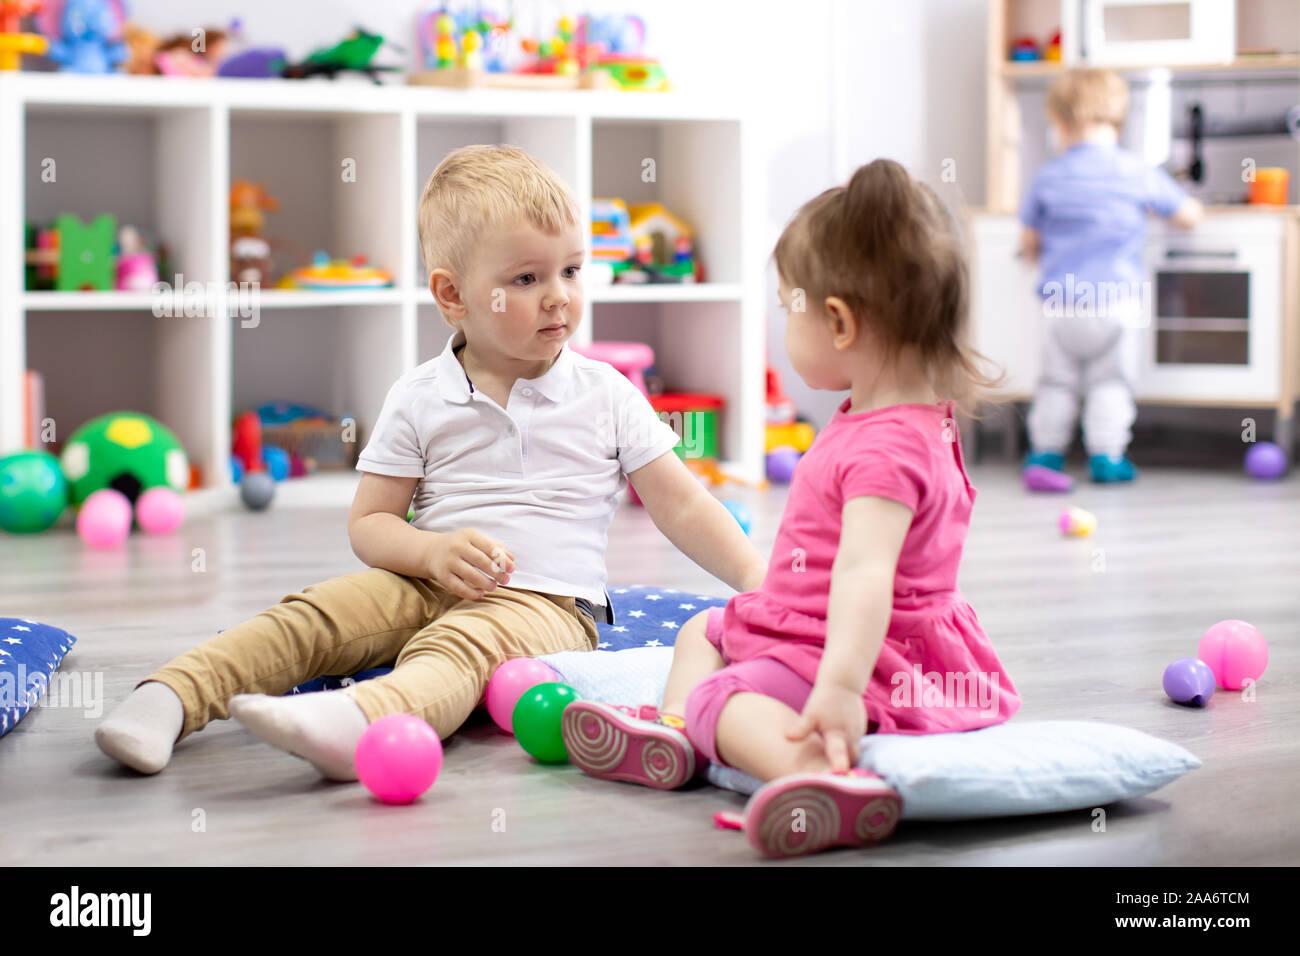 Los niños juegan con juguetes coloridos. Niño niña y niño pequeño niño en el kindergarten. Los niños juegan en la guardería o al preescolar. Foto de stock